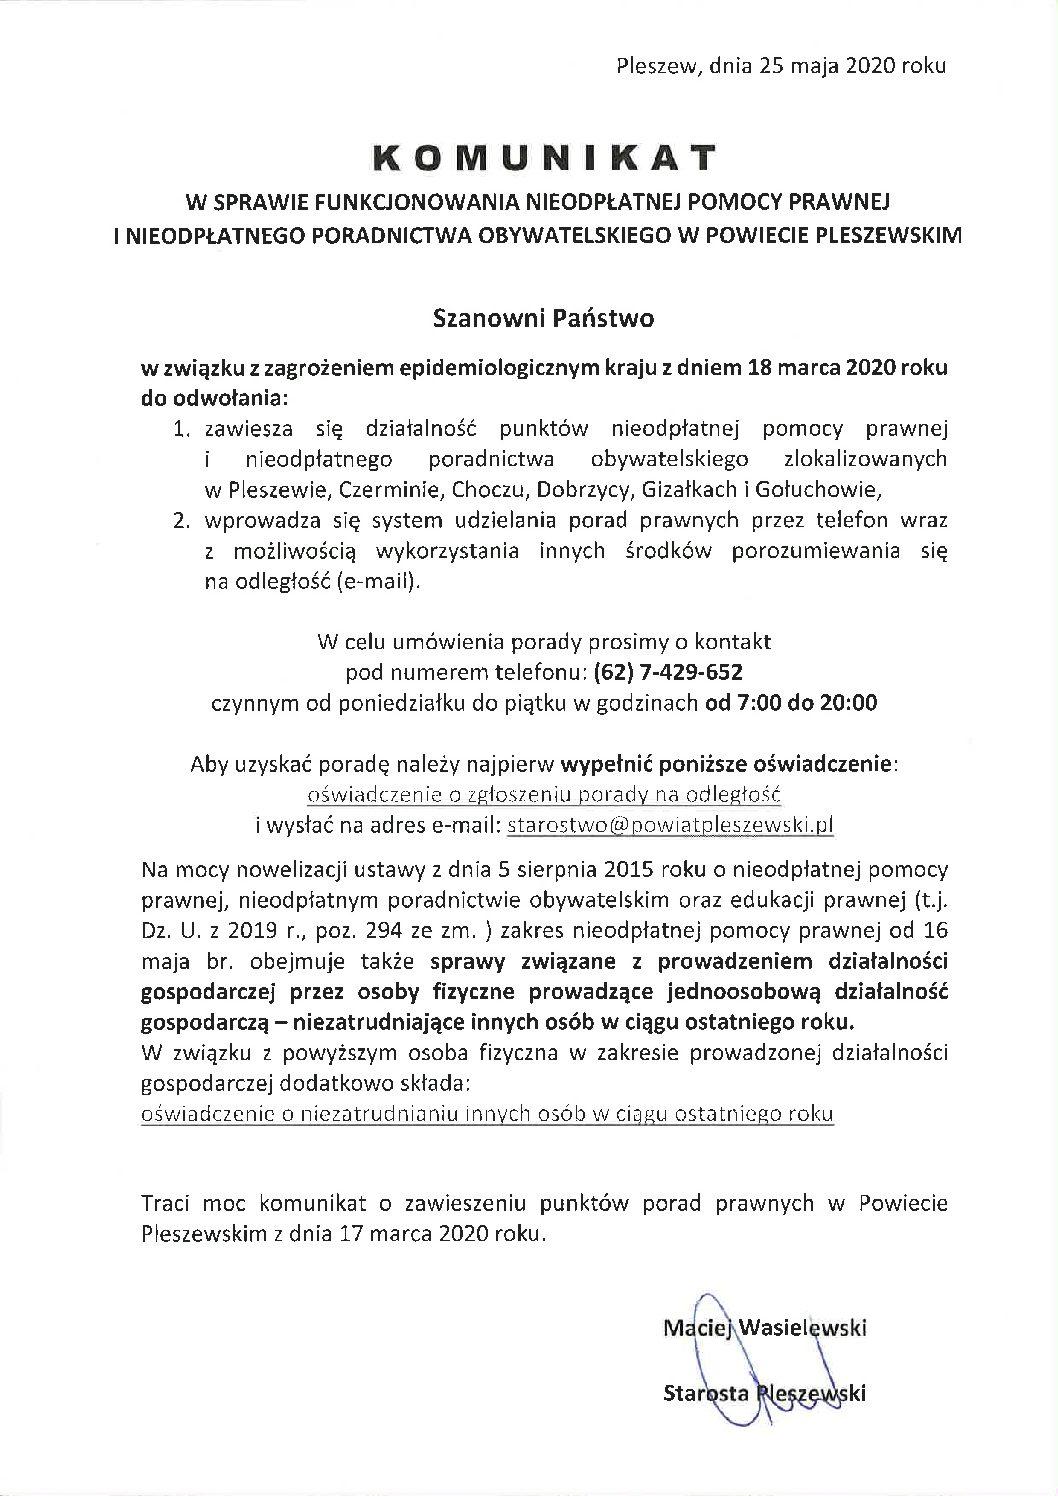 Nowy komunikat nieodpłatnej pomocy prawnej z17.03.2020